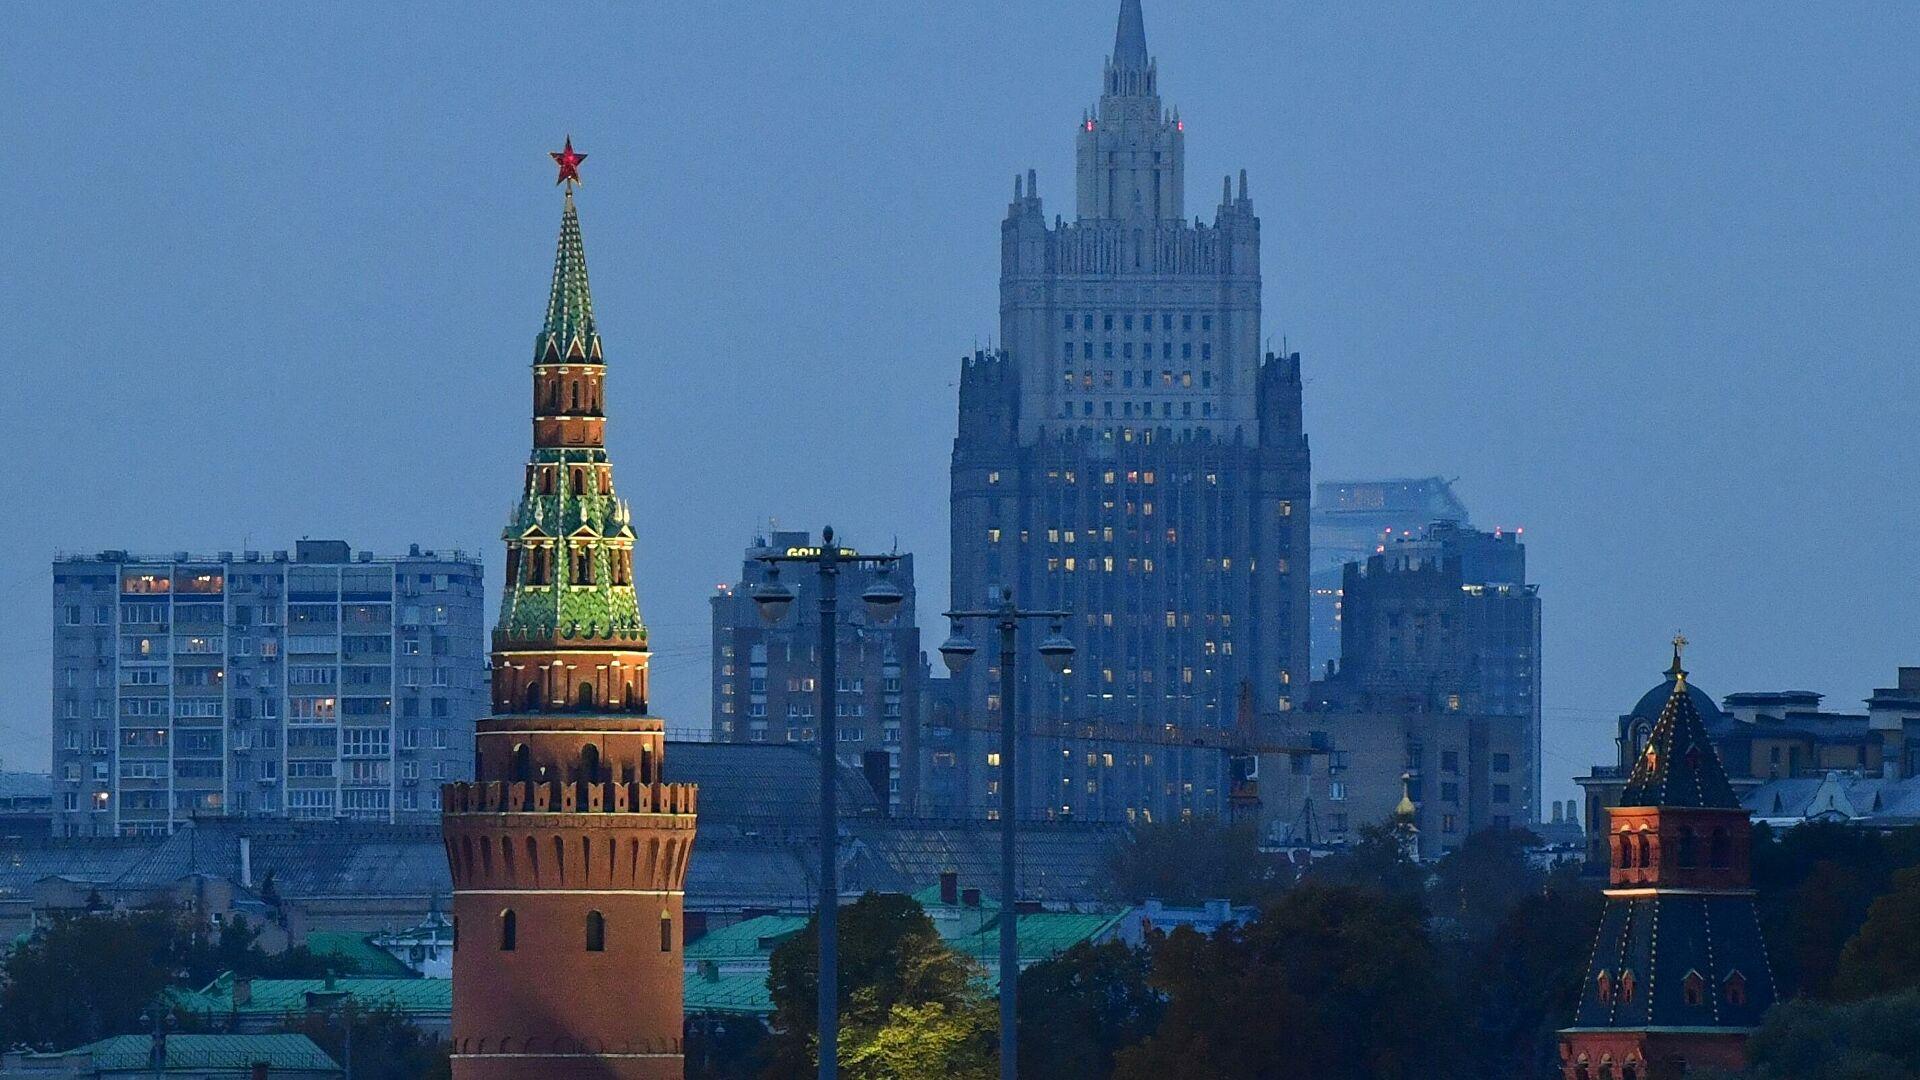 Rusija pozvala sve zemlje da se obavežu da neće stvarati, testirati ili postavljati kosmičko oružje